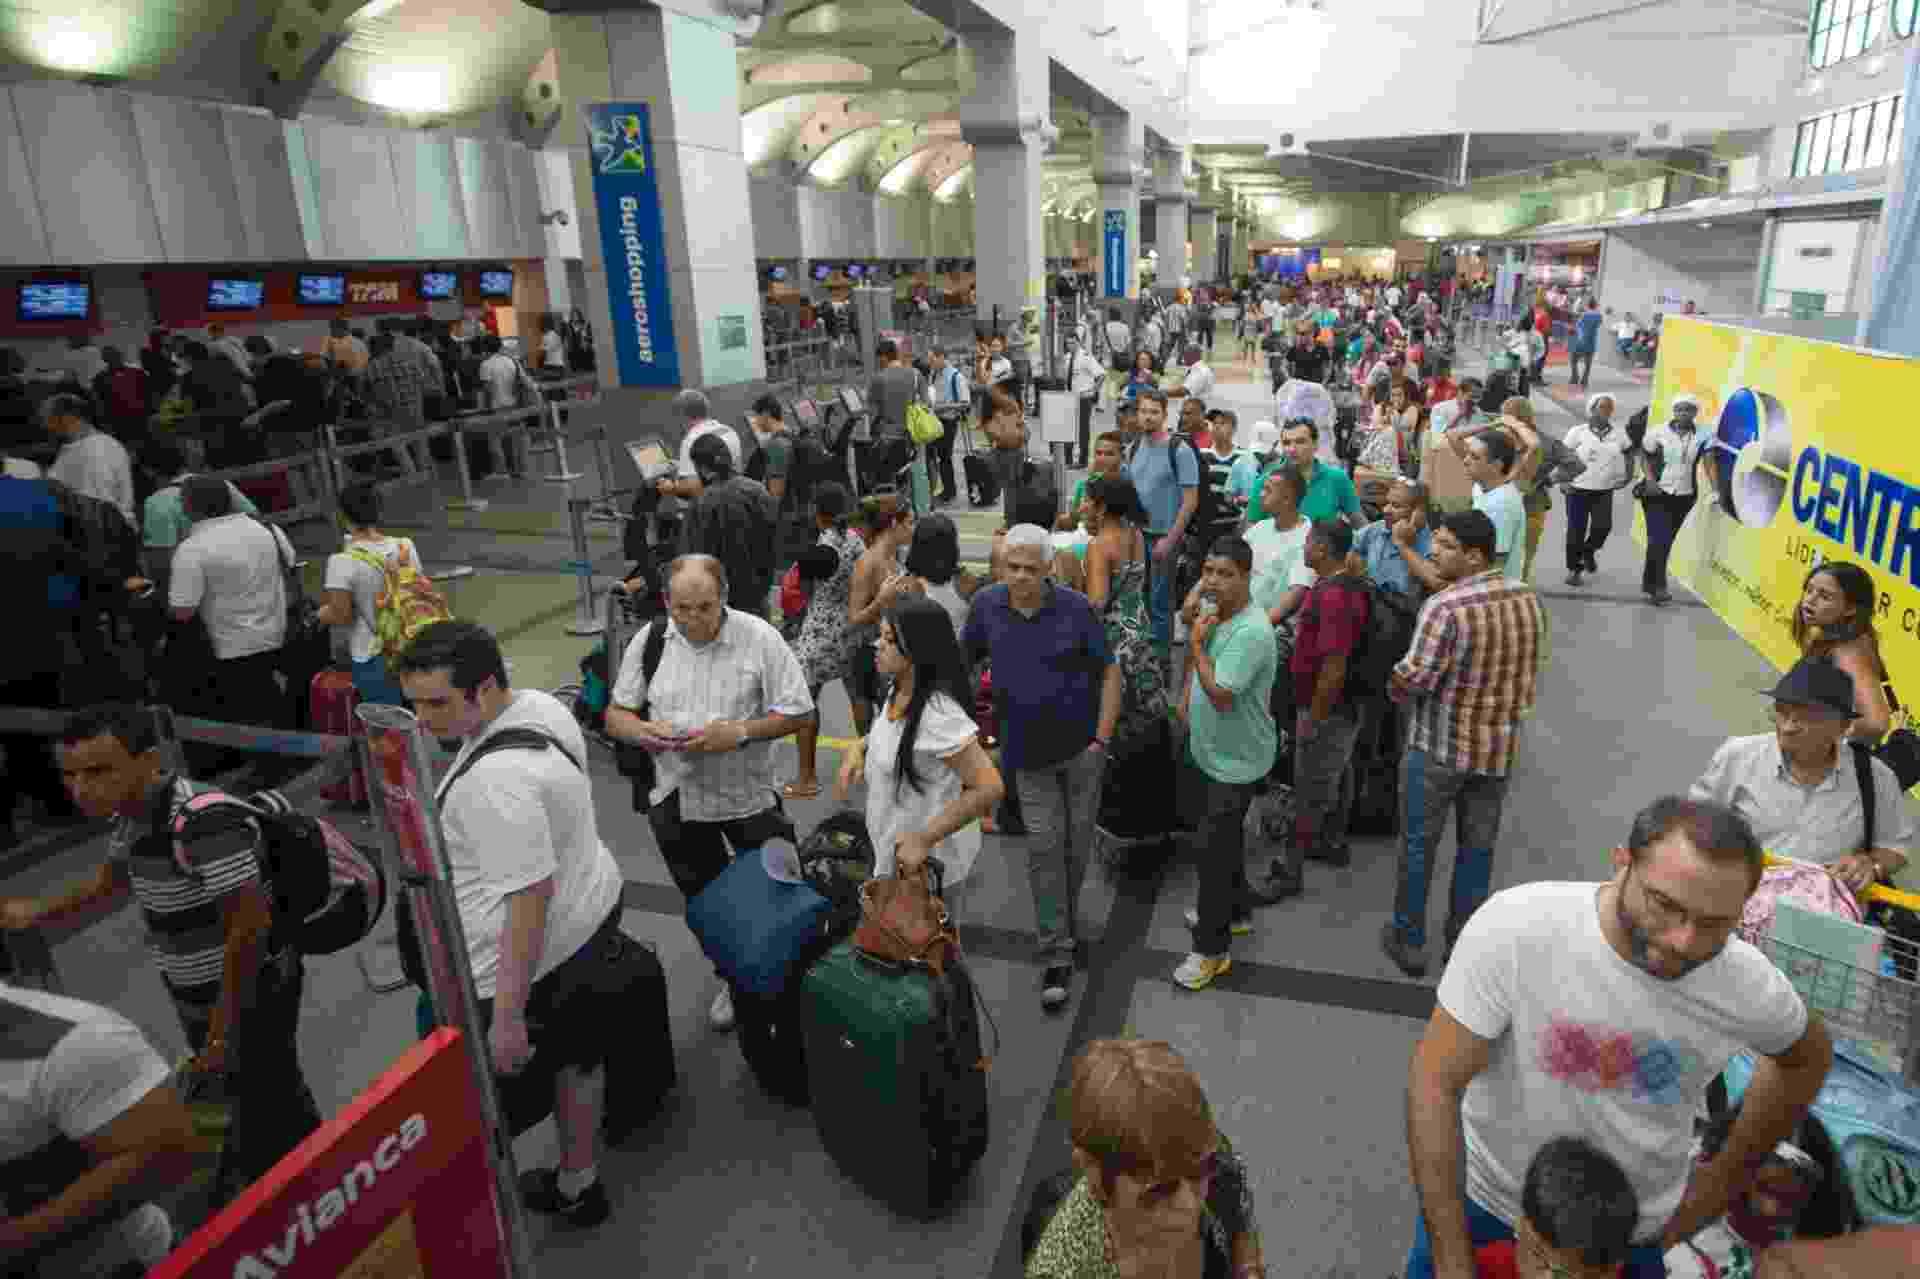 7.dez.2013 - Passageiros enfrentam filas para fazer o check-in no aeroporto de Salvador, na tarde deste sábado (07). Este foi o terceiro aeroporto com o maior número de atrasos neste sábado - 21 no total, o que equivale a 27,6% de seu movimento. Guarulhos, com 42 atrasos, e Brasília, com 37, lideram o ranking. Usuários de aeroportos brasileiros ainda sentem os reflexos da forte chuva que atingiu os Estados do Rio de Janeiro e de São Paulo na noite de quinta-feira - Celso Pupo/Fotoarena/Estadão Conteúdo